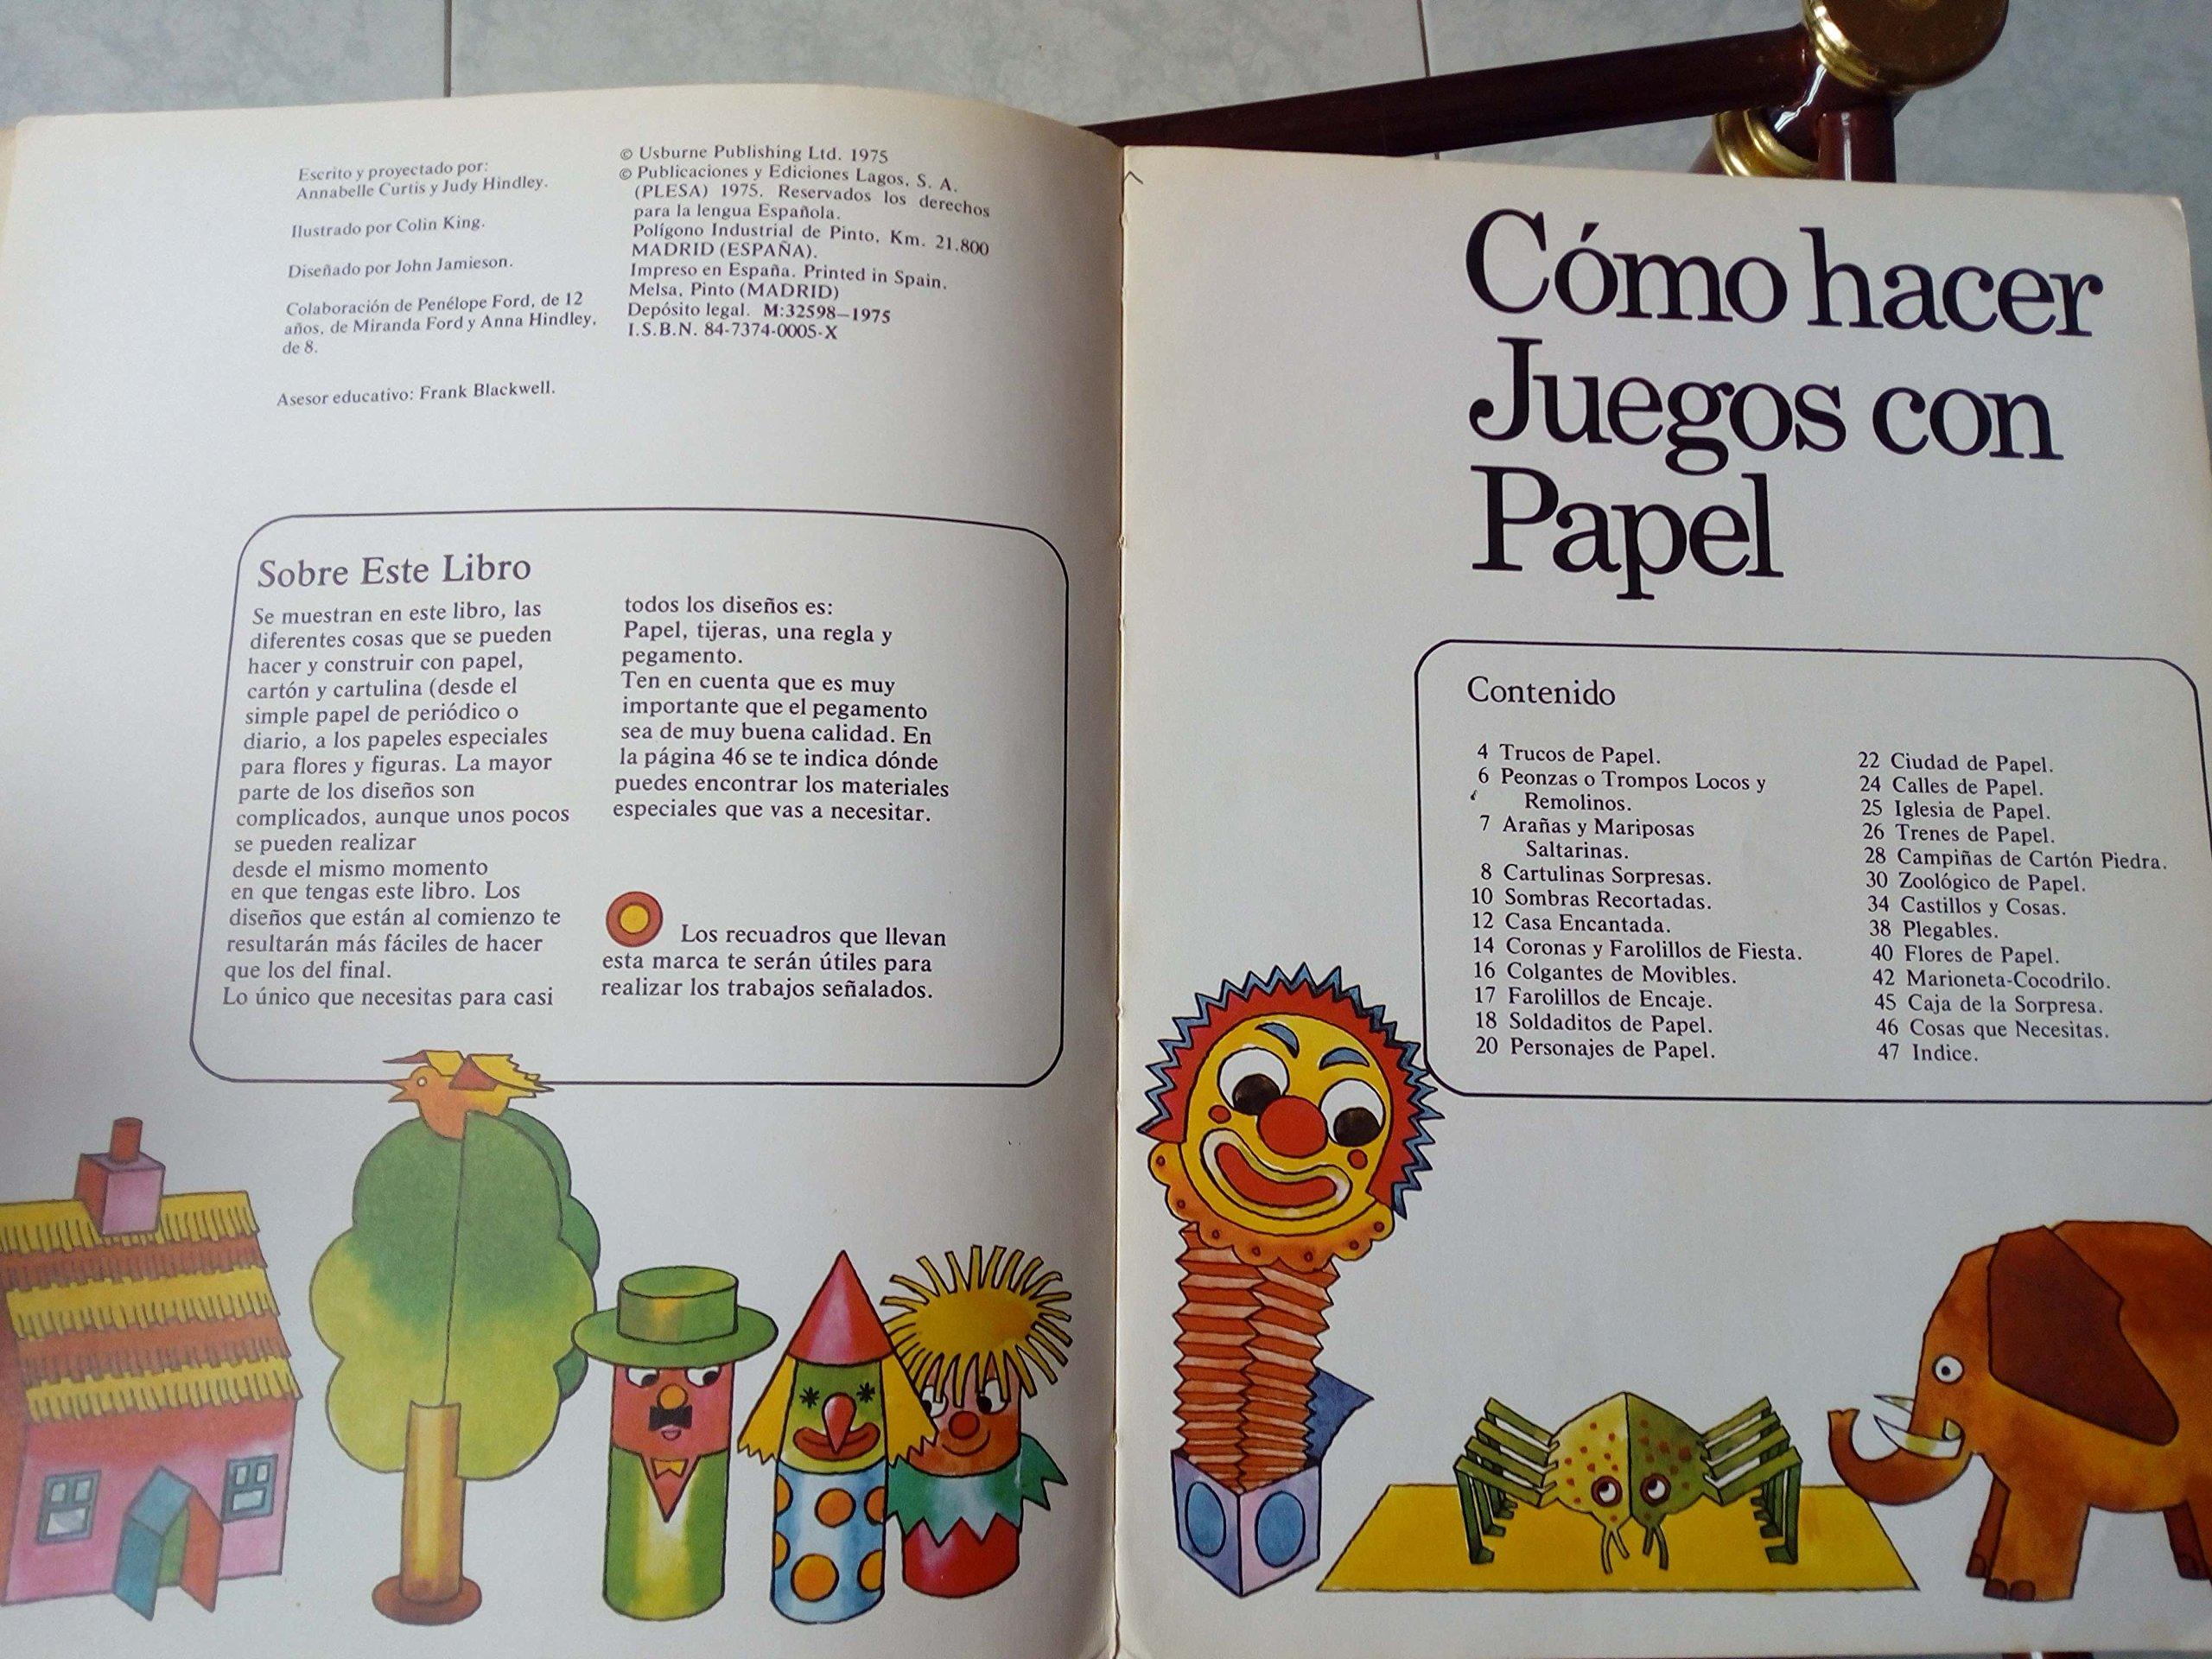 Cómo hacer Juegos con papel. Cosas que se pueden hacer con papel ...